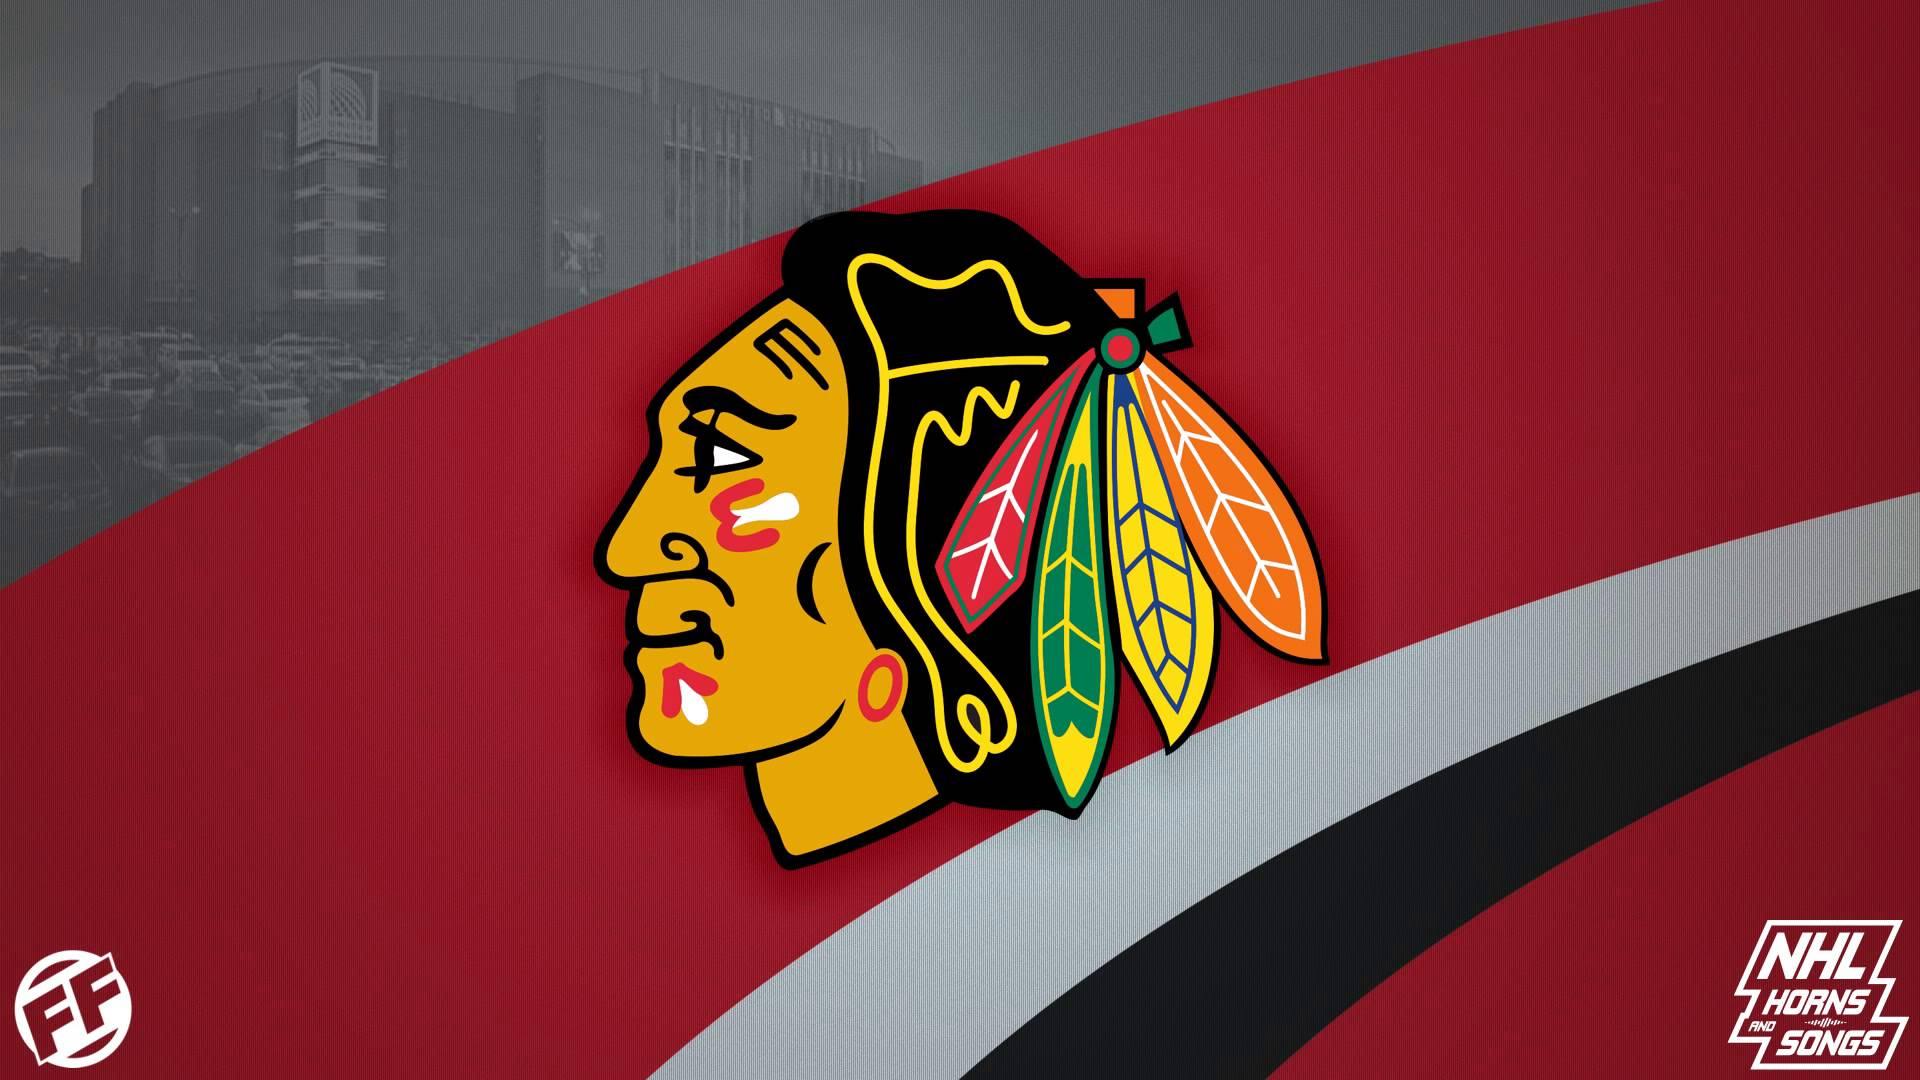 Sport Wallpaper Chicago Blackhawks: Chicago Blackhawks Wallpapers, Sports, HQ Chicago